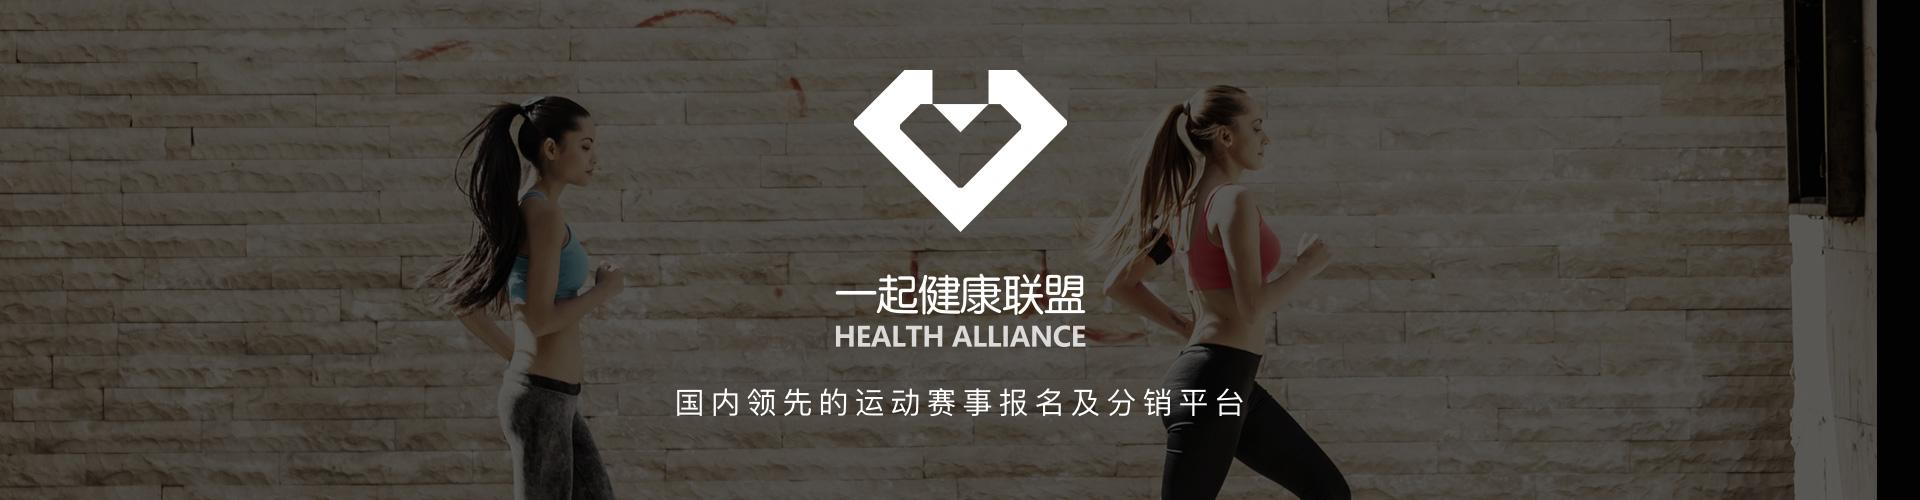 來跑吧-一起健康聯盟Banner